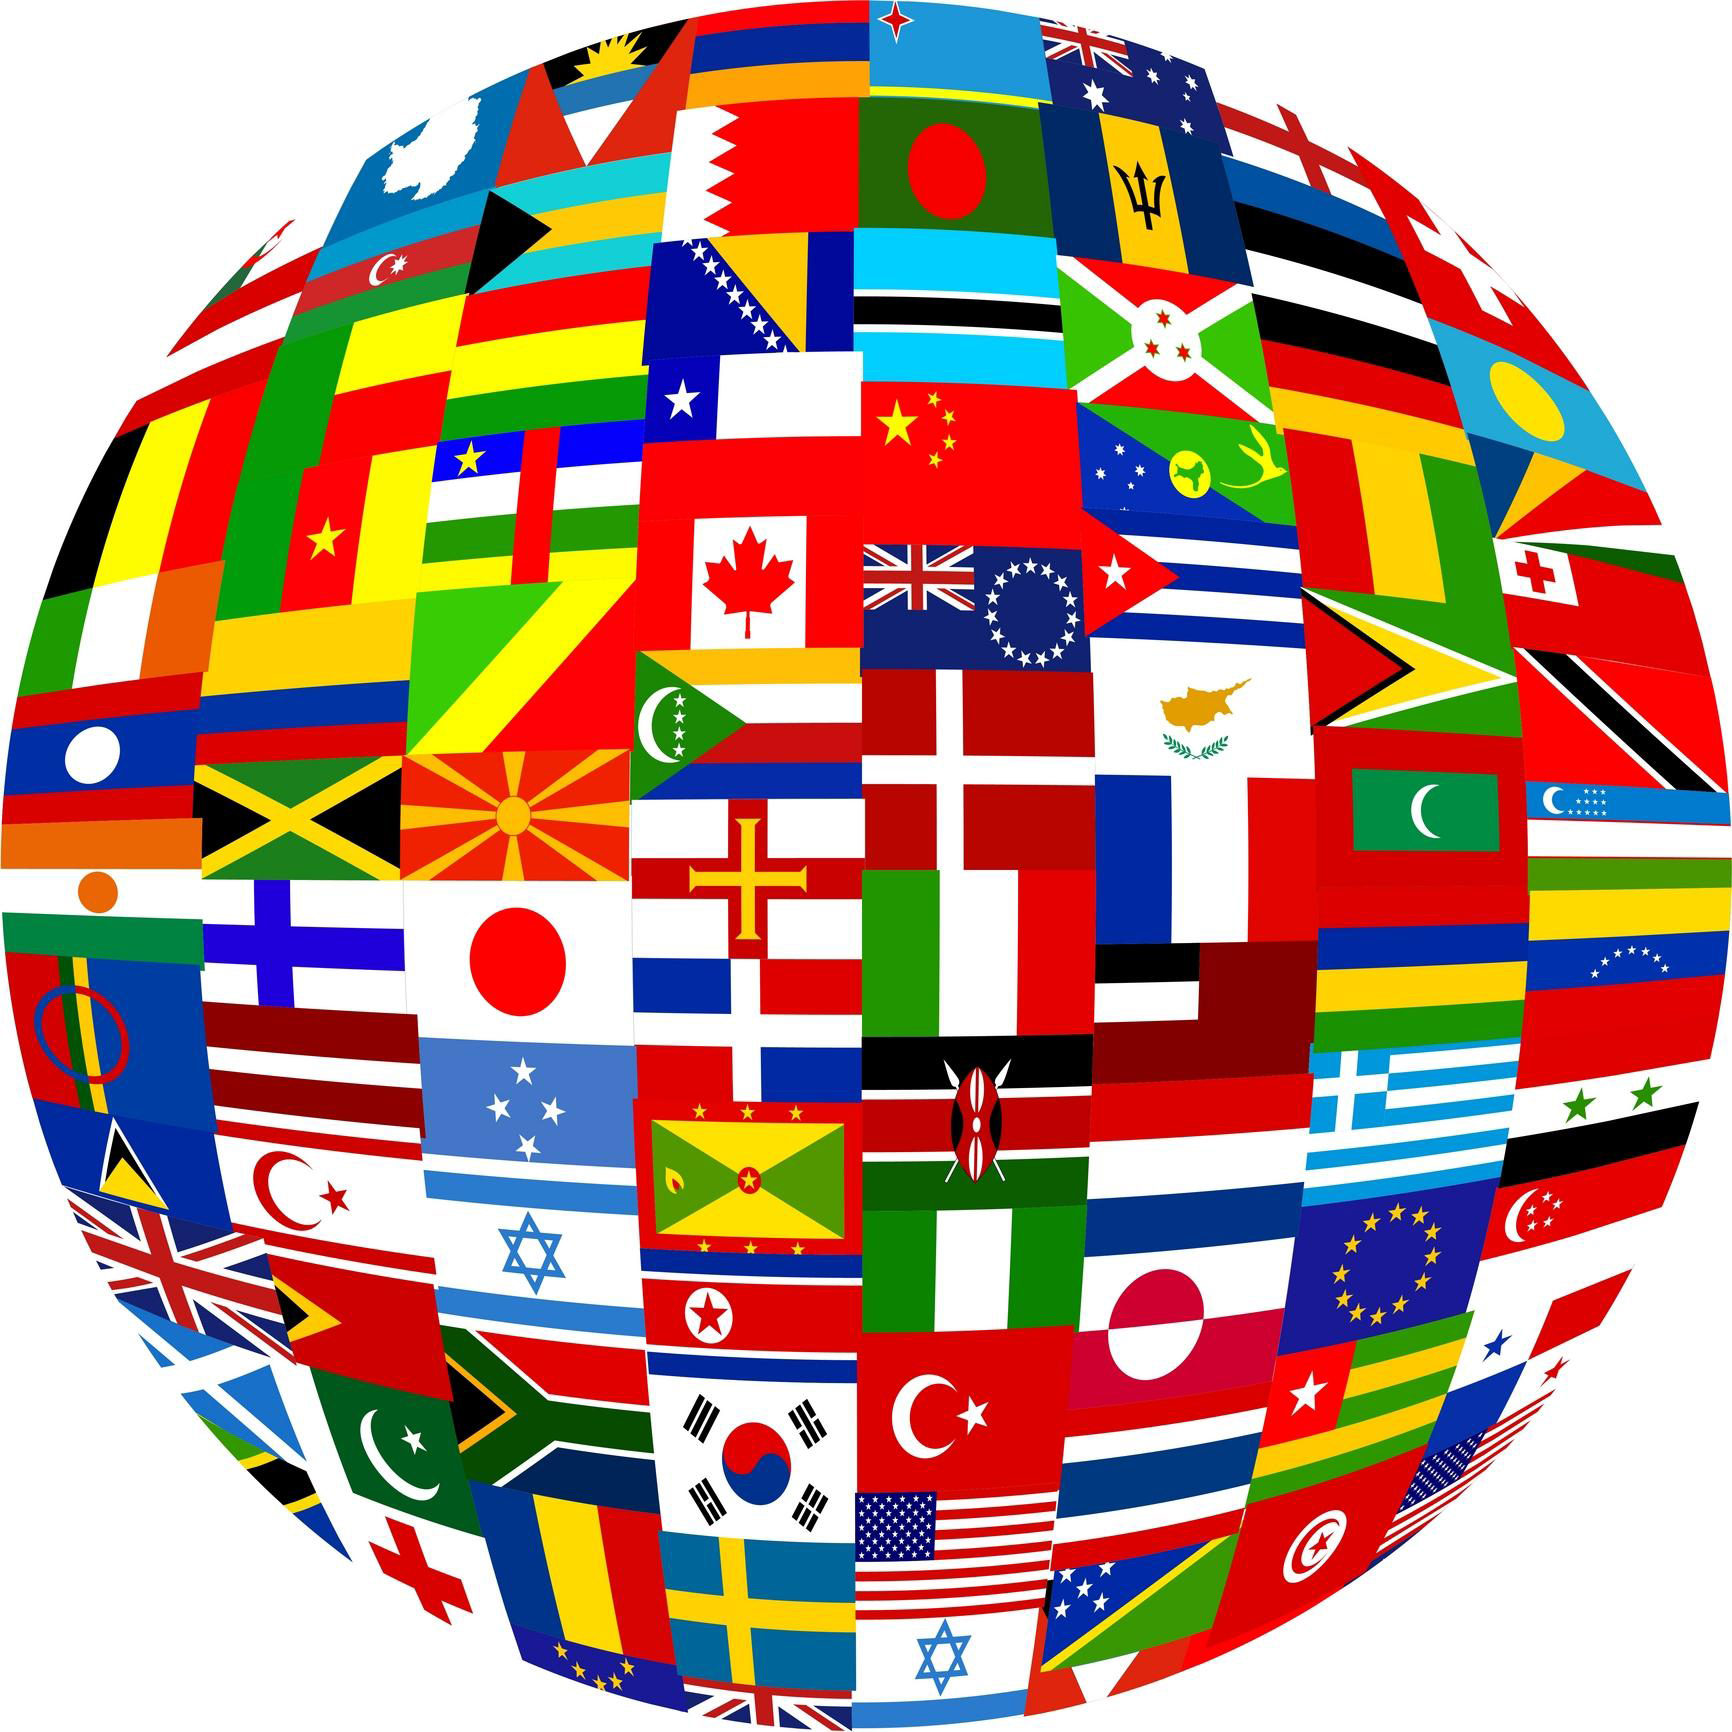 Los idiomas y su participación en el mundo